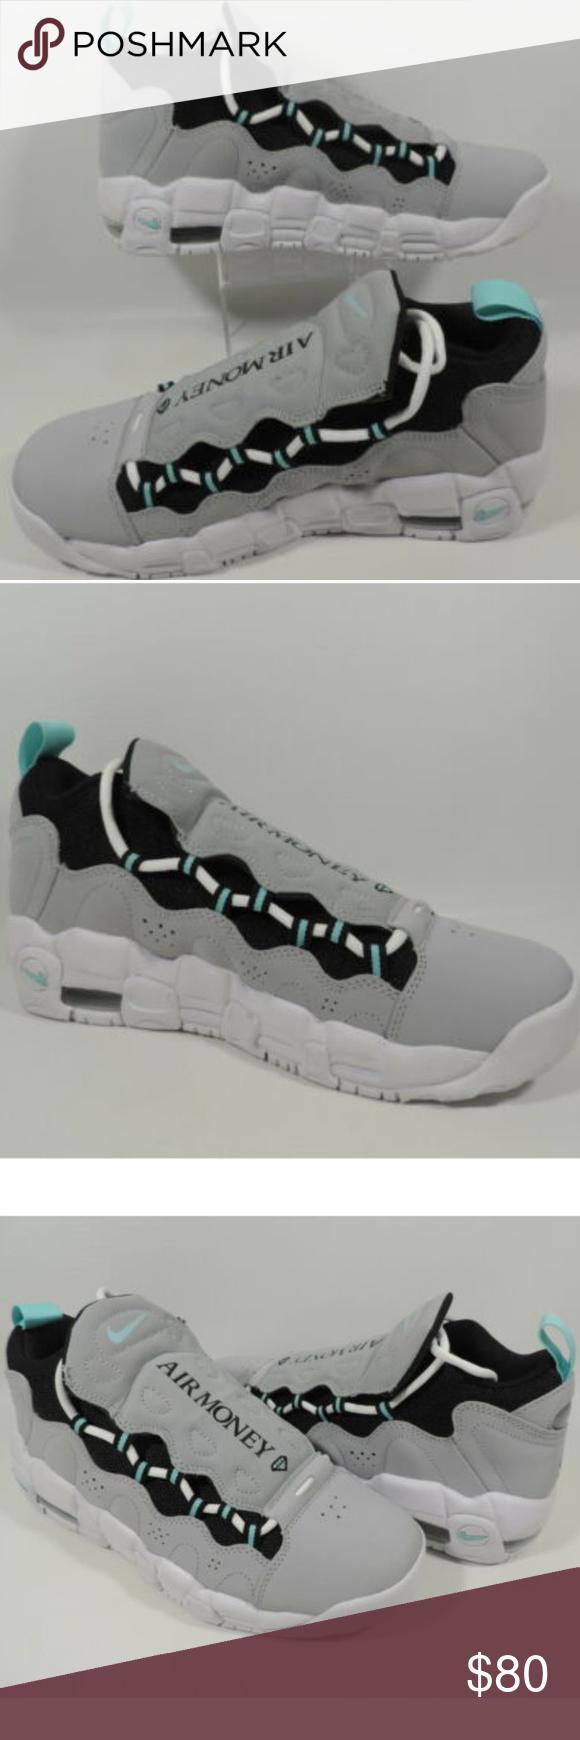 Boys shoes, Nike air, Retro shoes